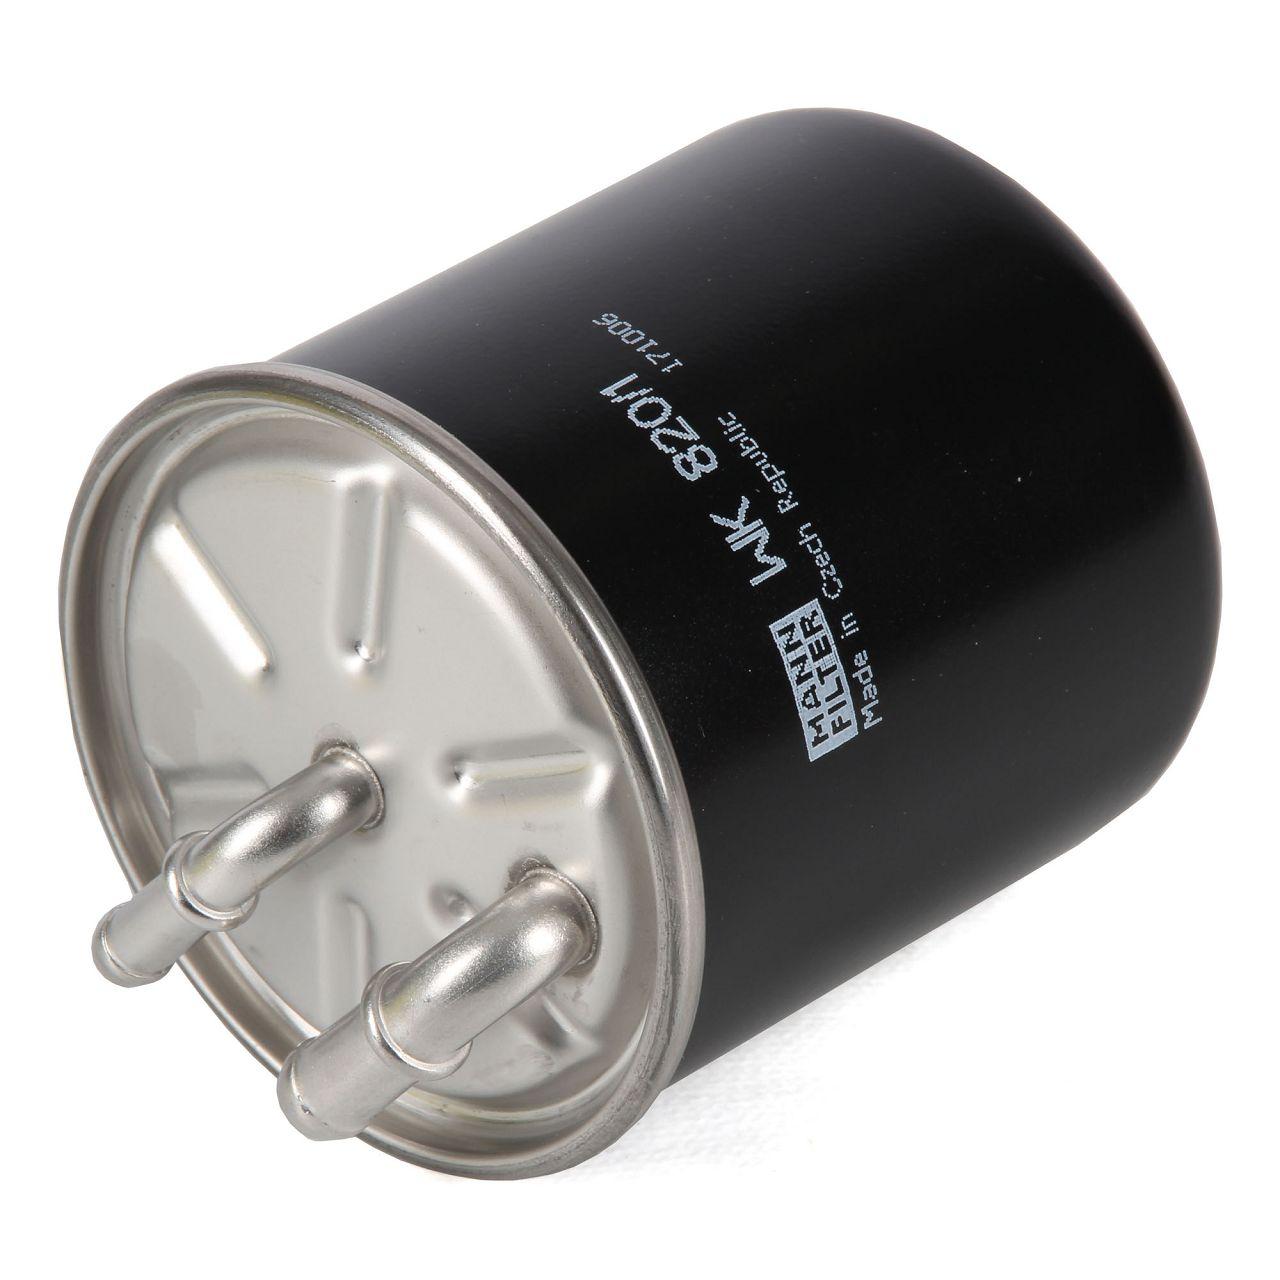 MANN Filterpaket Filterset für MERCEDES G-KLASSE W463 G320CDI 224 PS